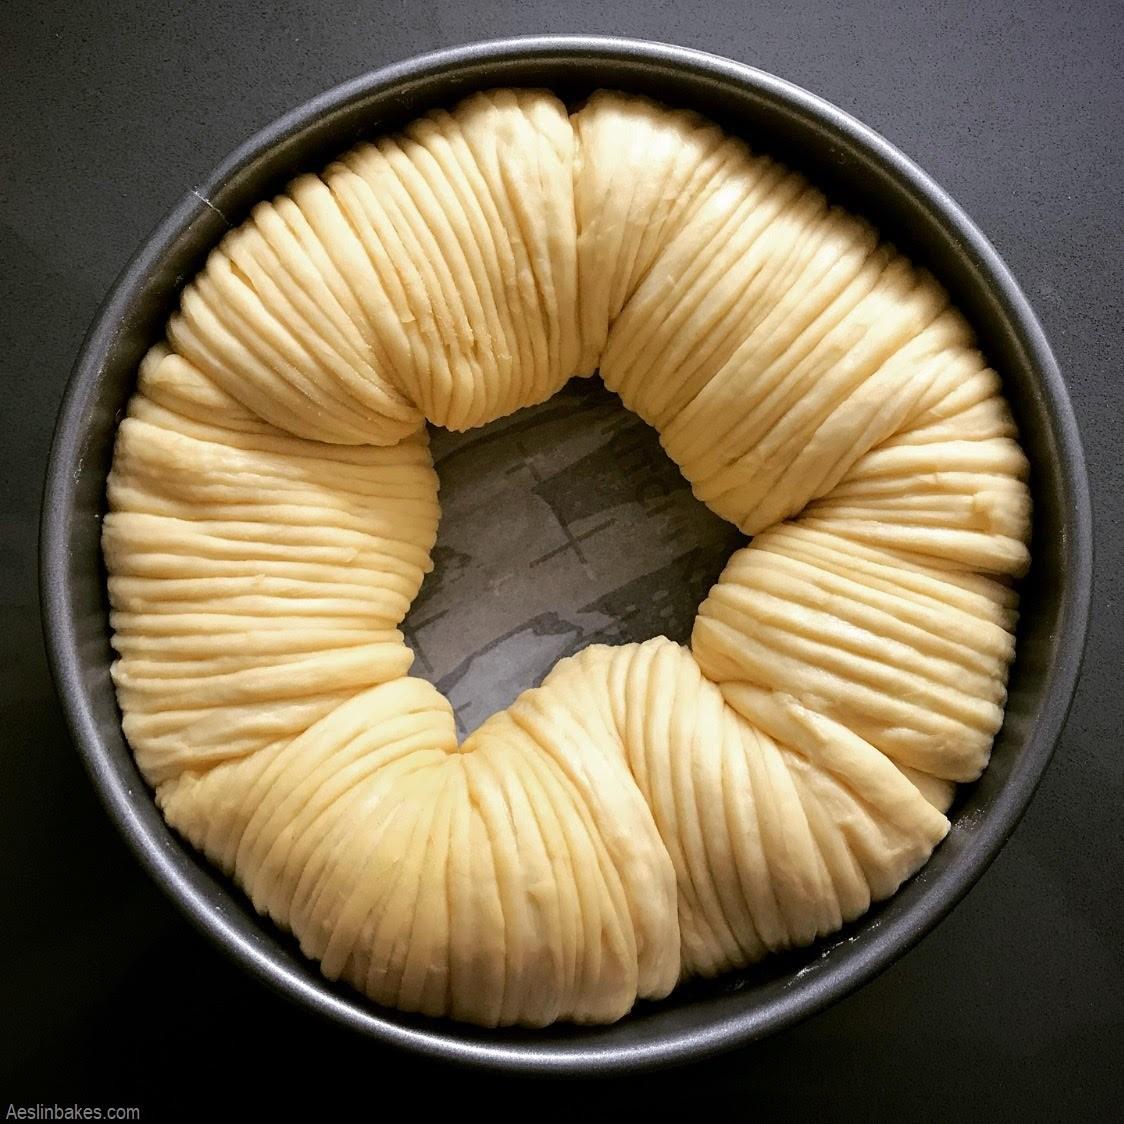 risen brioche wool roll loaf in pan top 2 wide